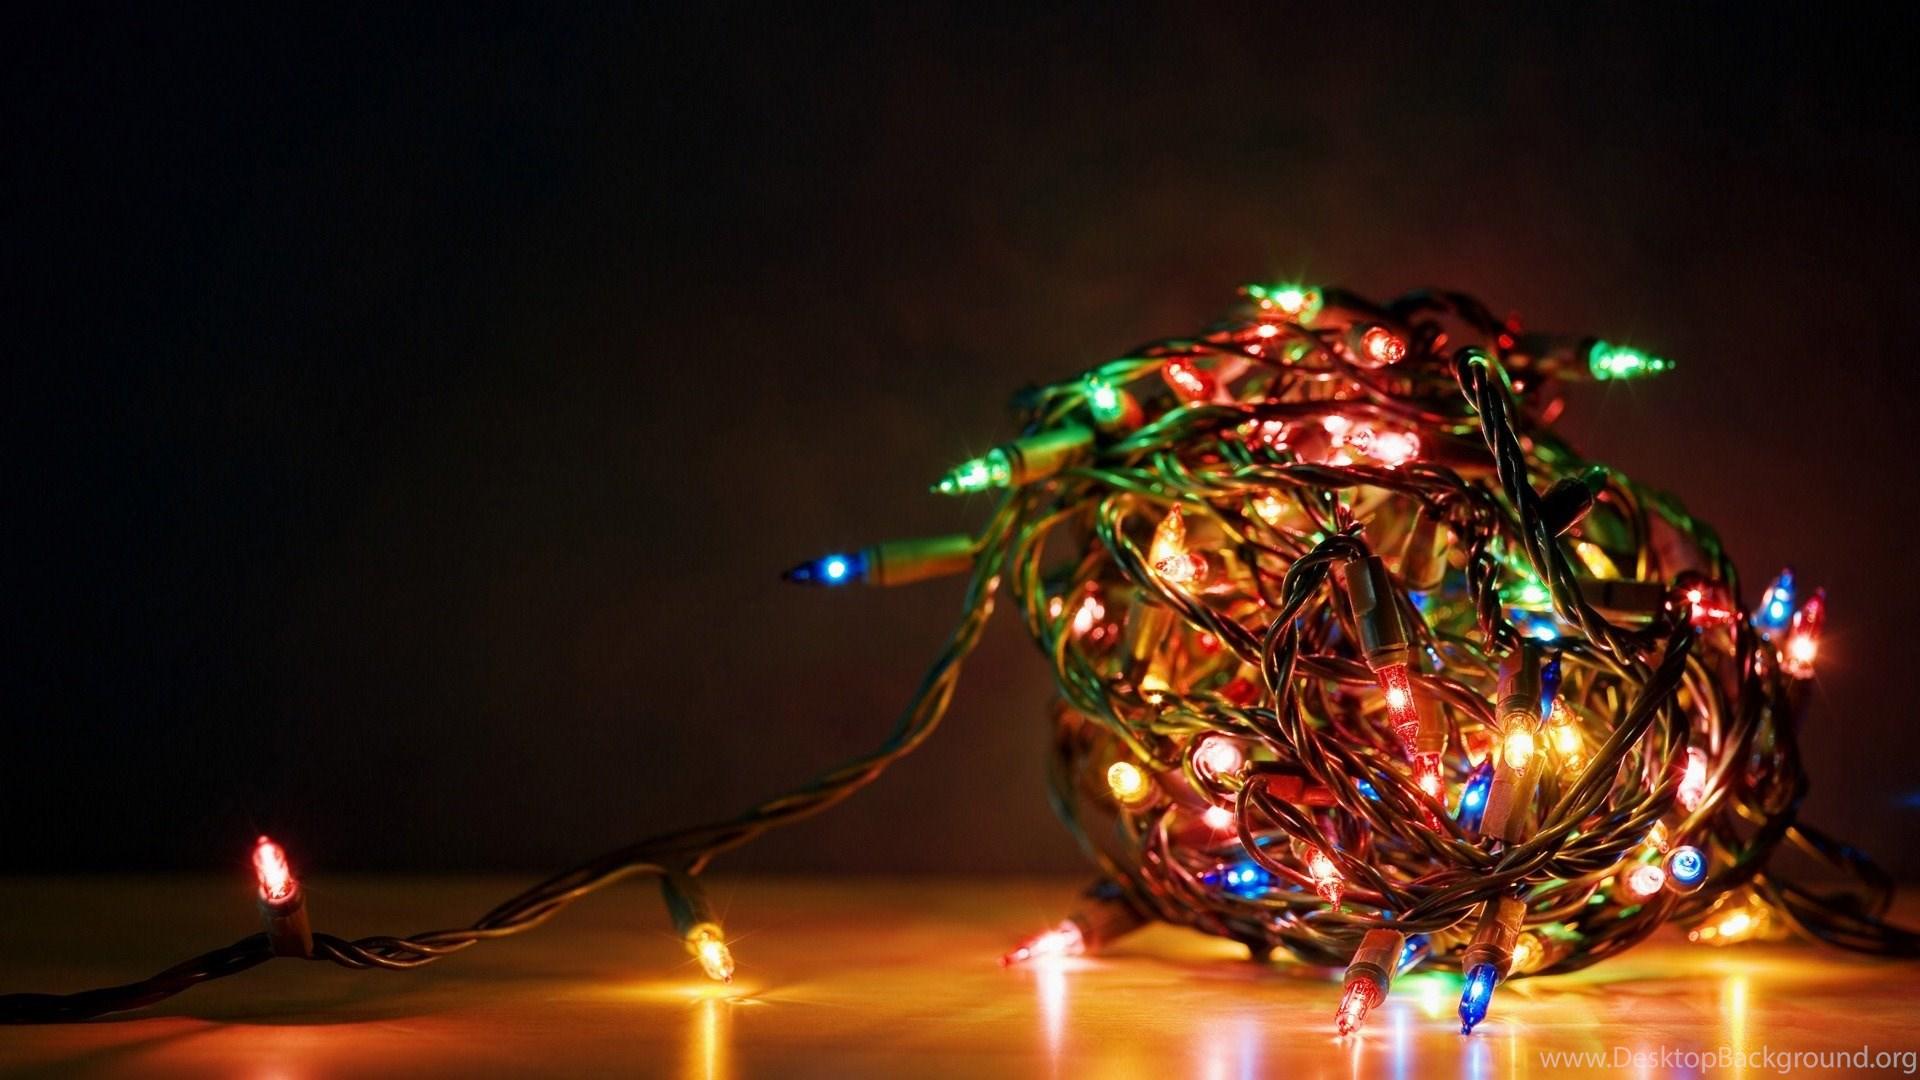 858450 christmas lights tumblr